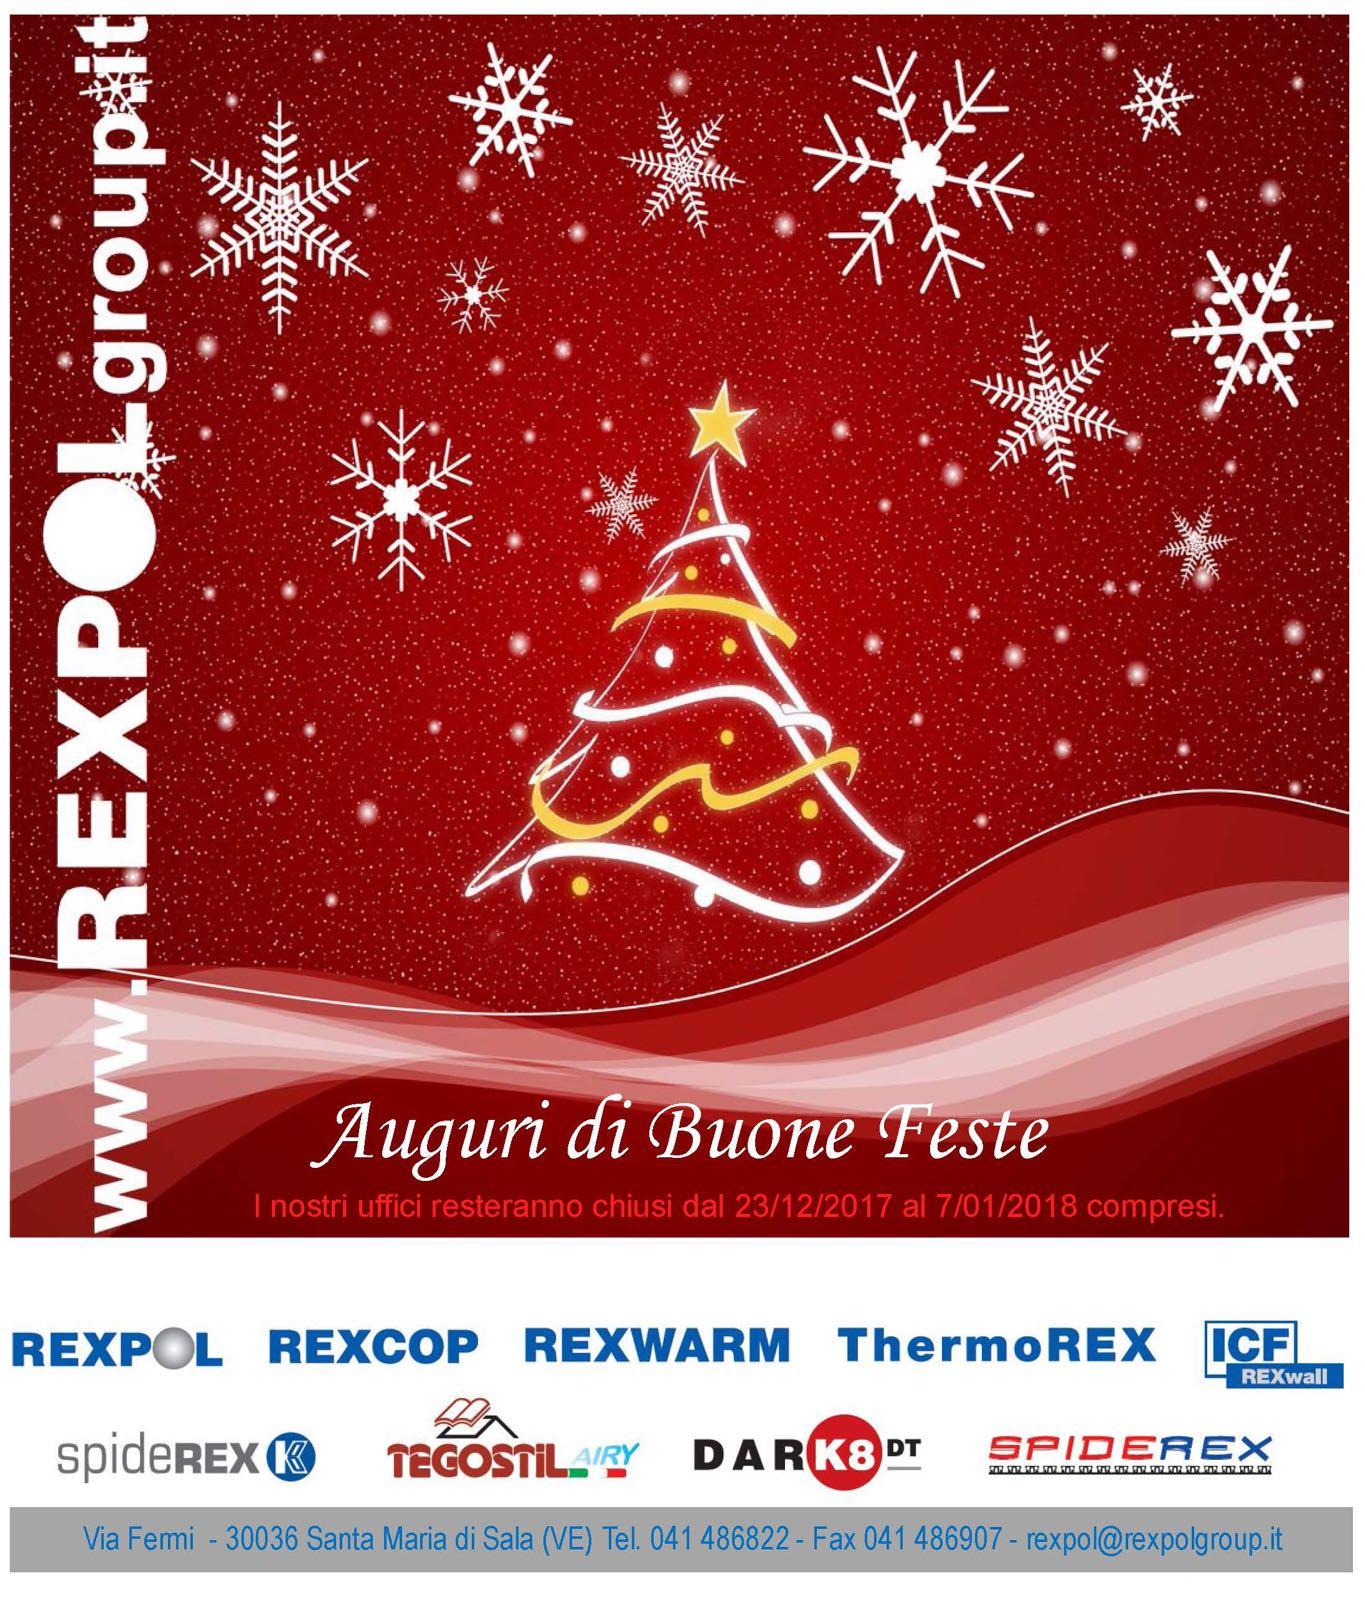 Auguri Di Natale Famiglia.Auguri Di Buon Natale E Felice Anno Nuovo Dalla Famiglia Tonello E